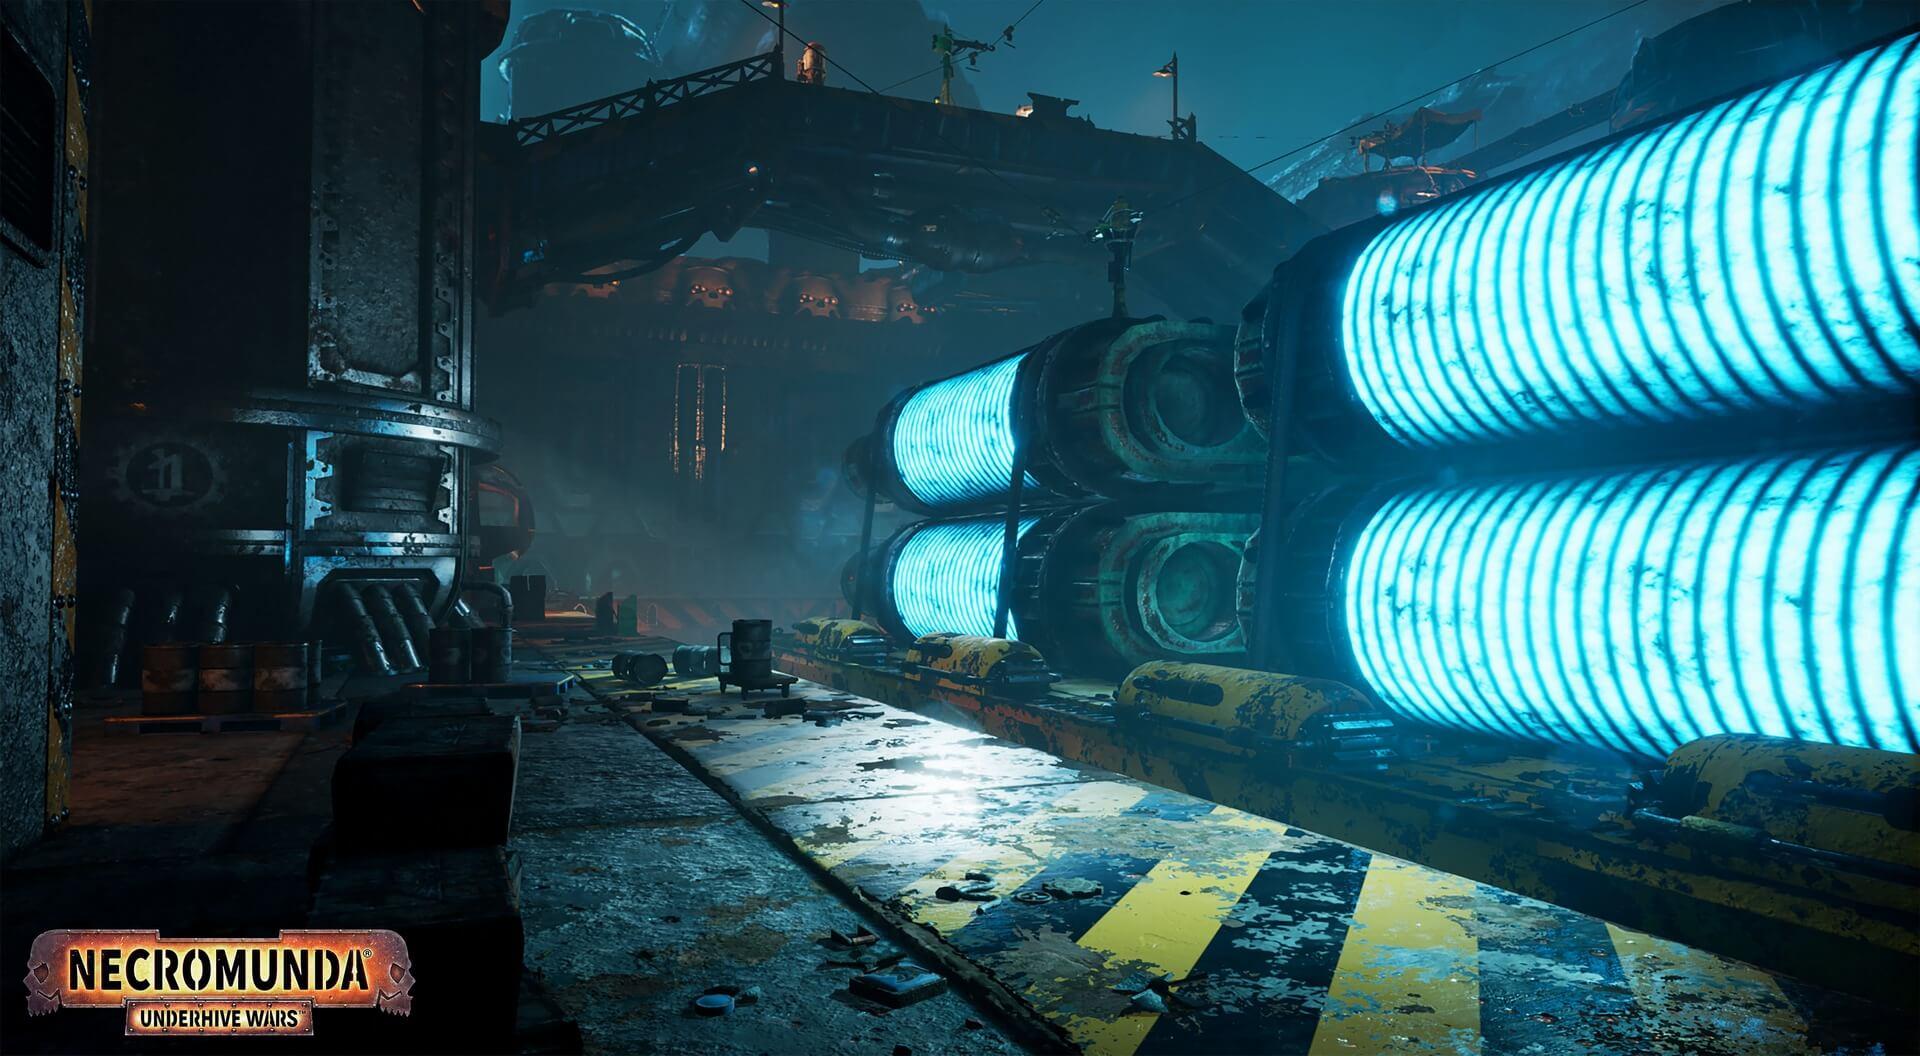 Necromunda: Underhive Wars выходит 8 сентября; новые скриншоты